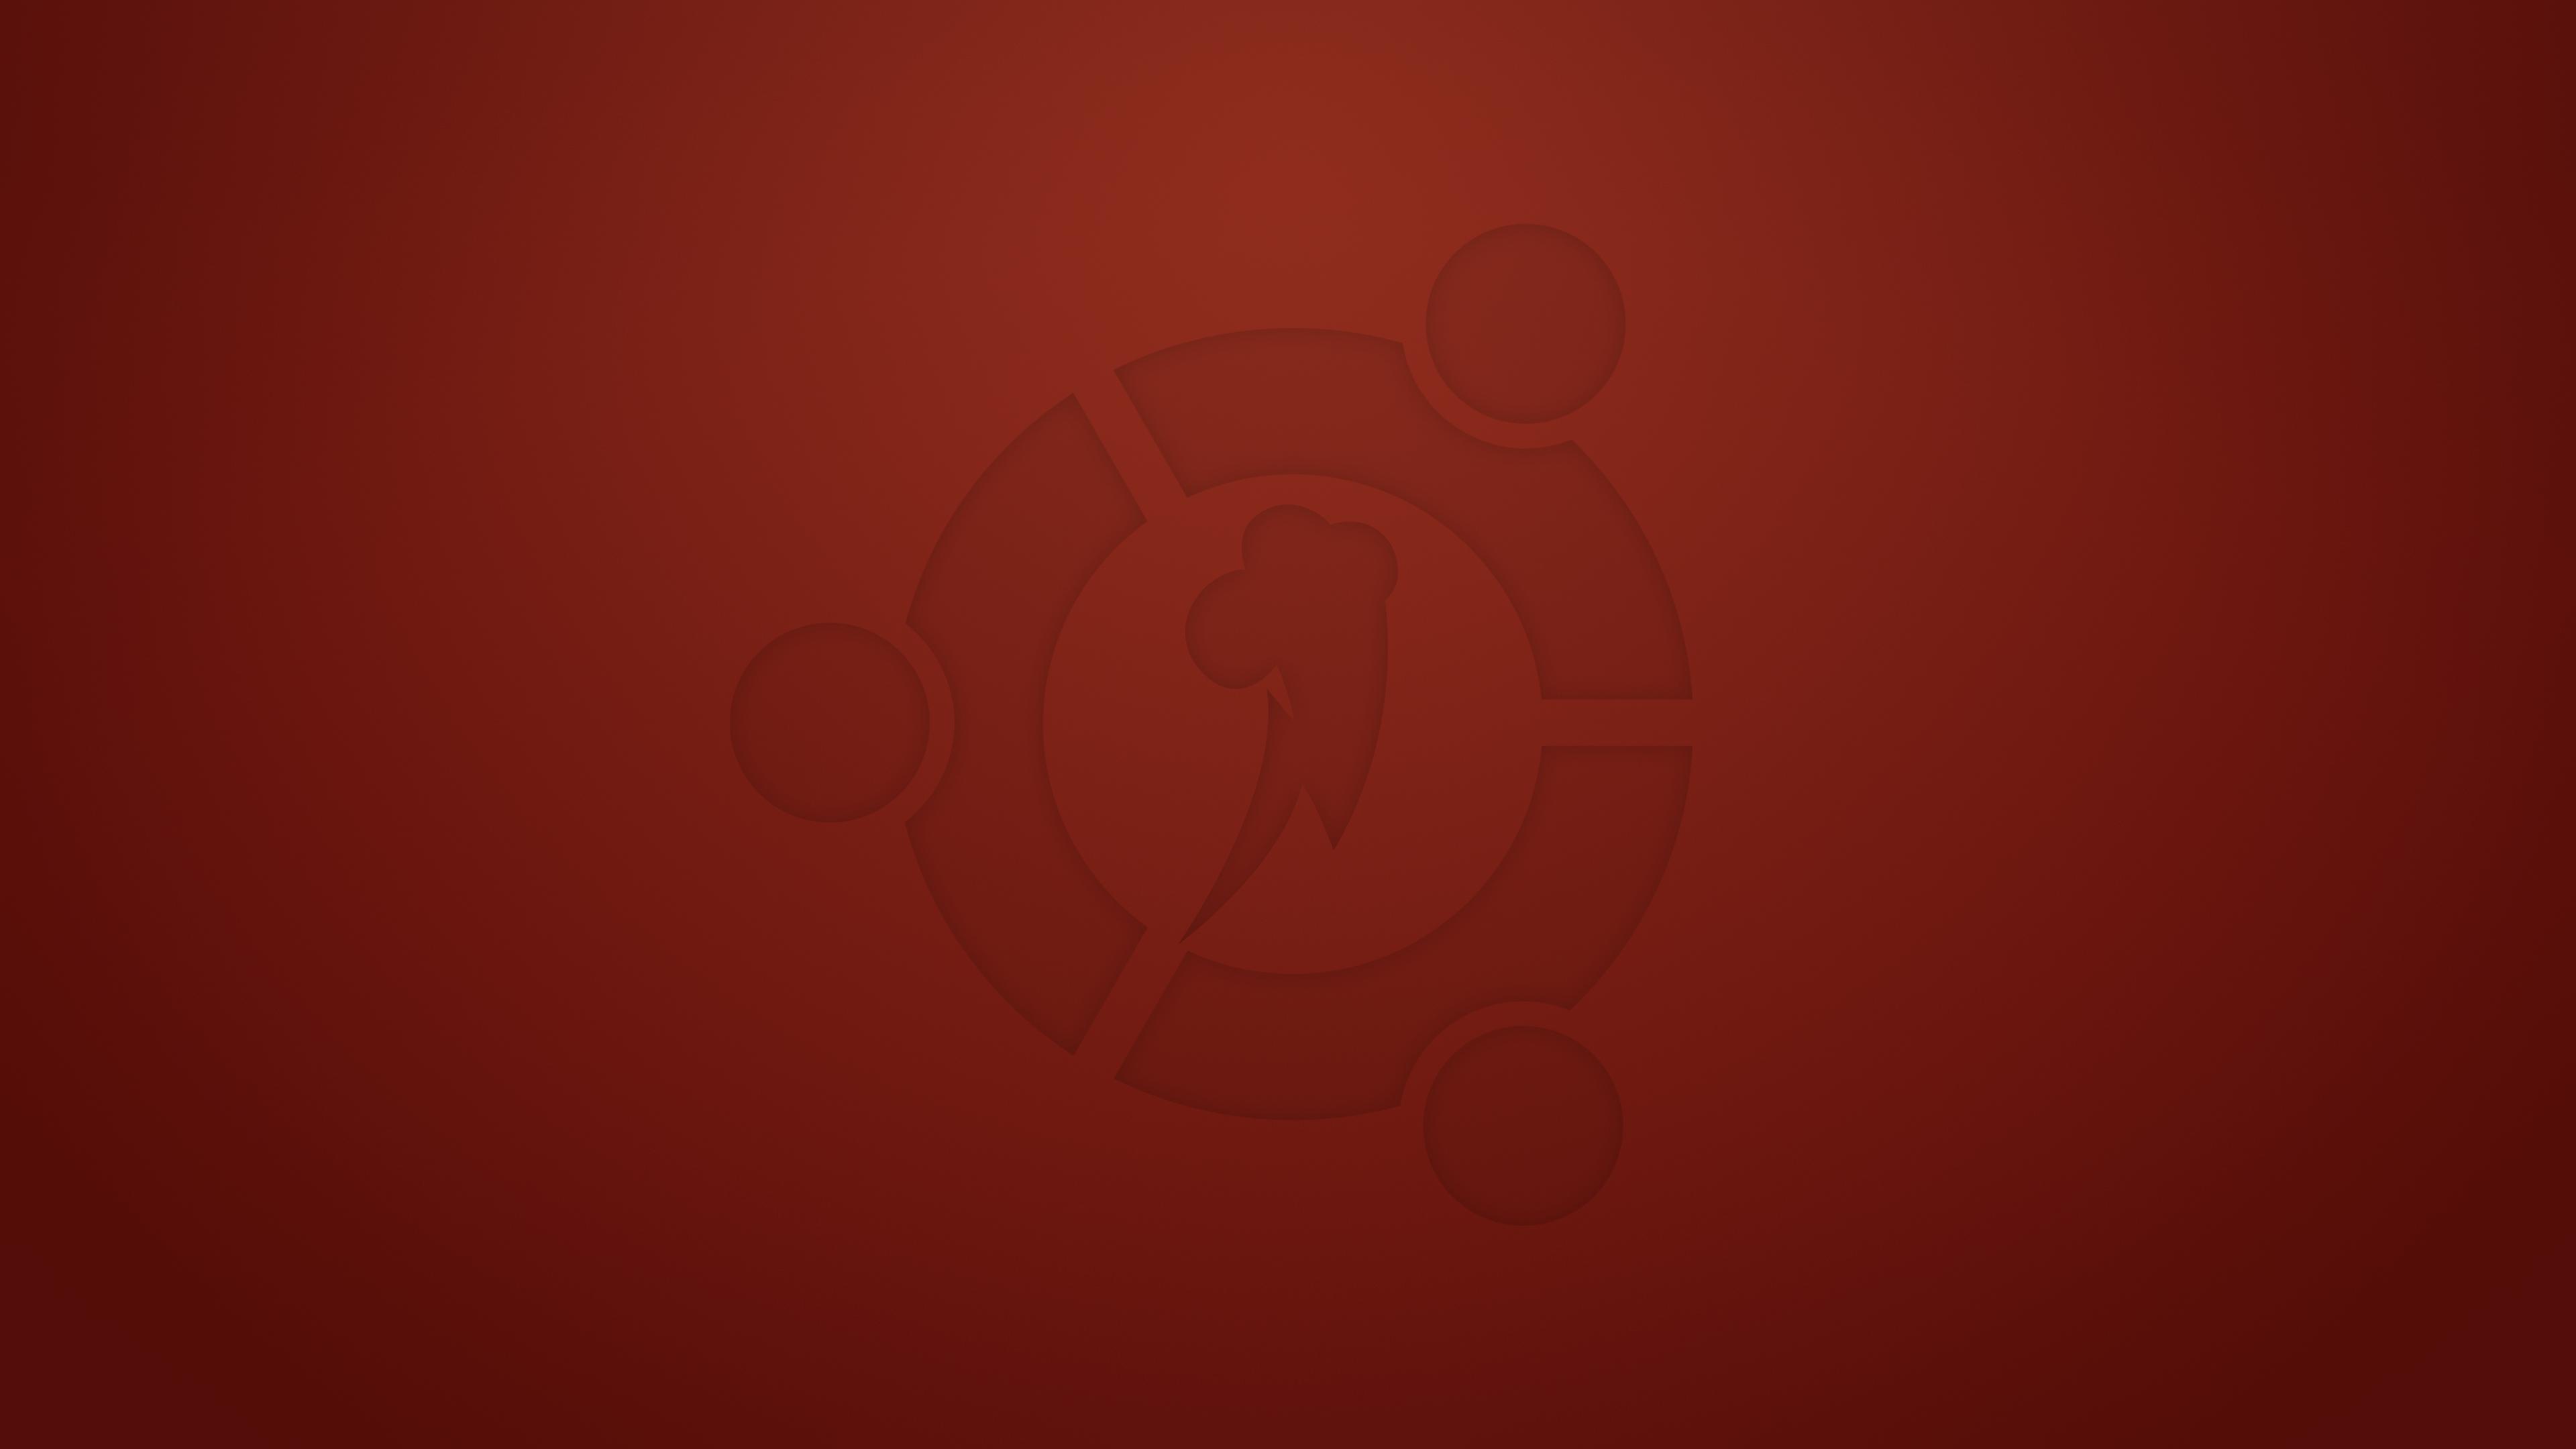 Rainbow Dash Cutie Mark Ubuntu Wallpaper by DashMagic6